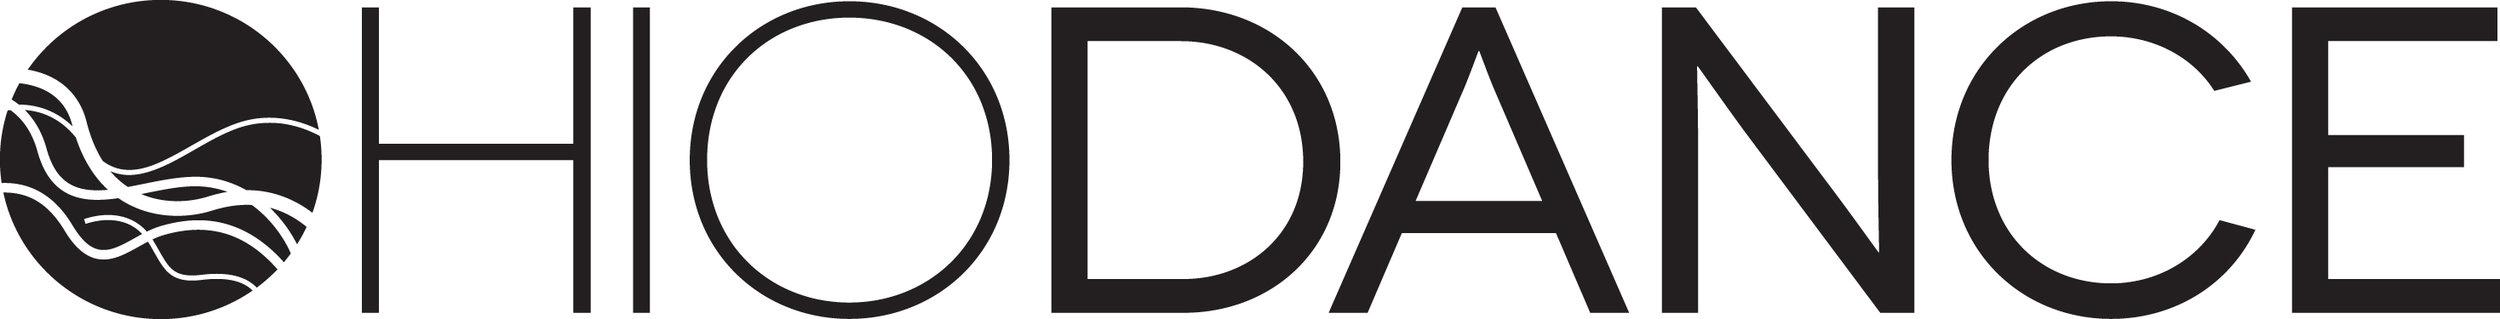 Print BW OhioDance logo.jpg